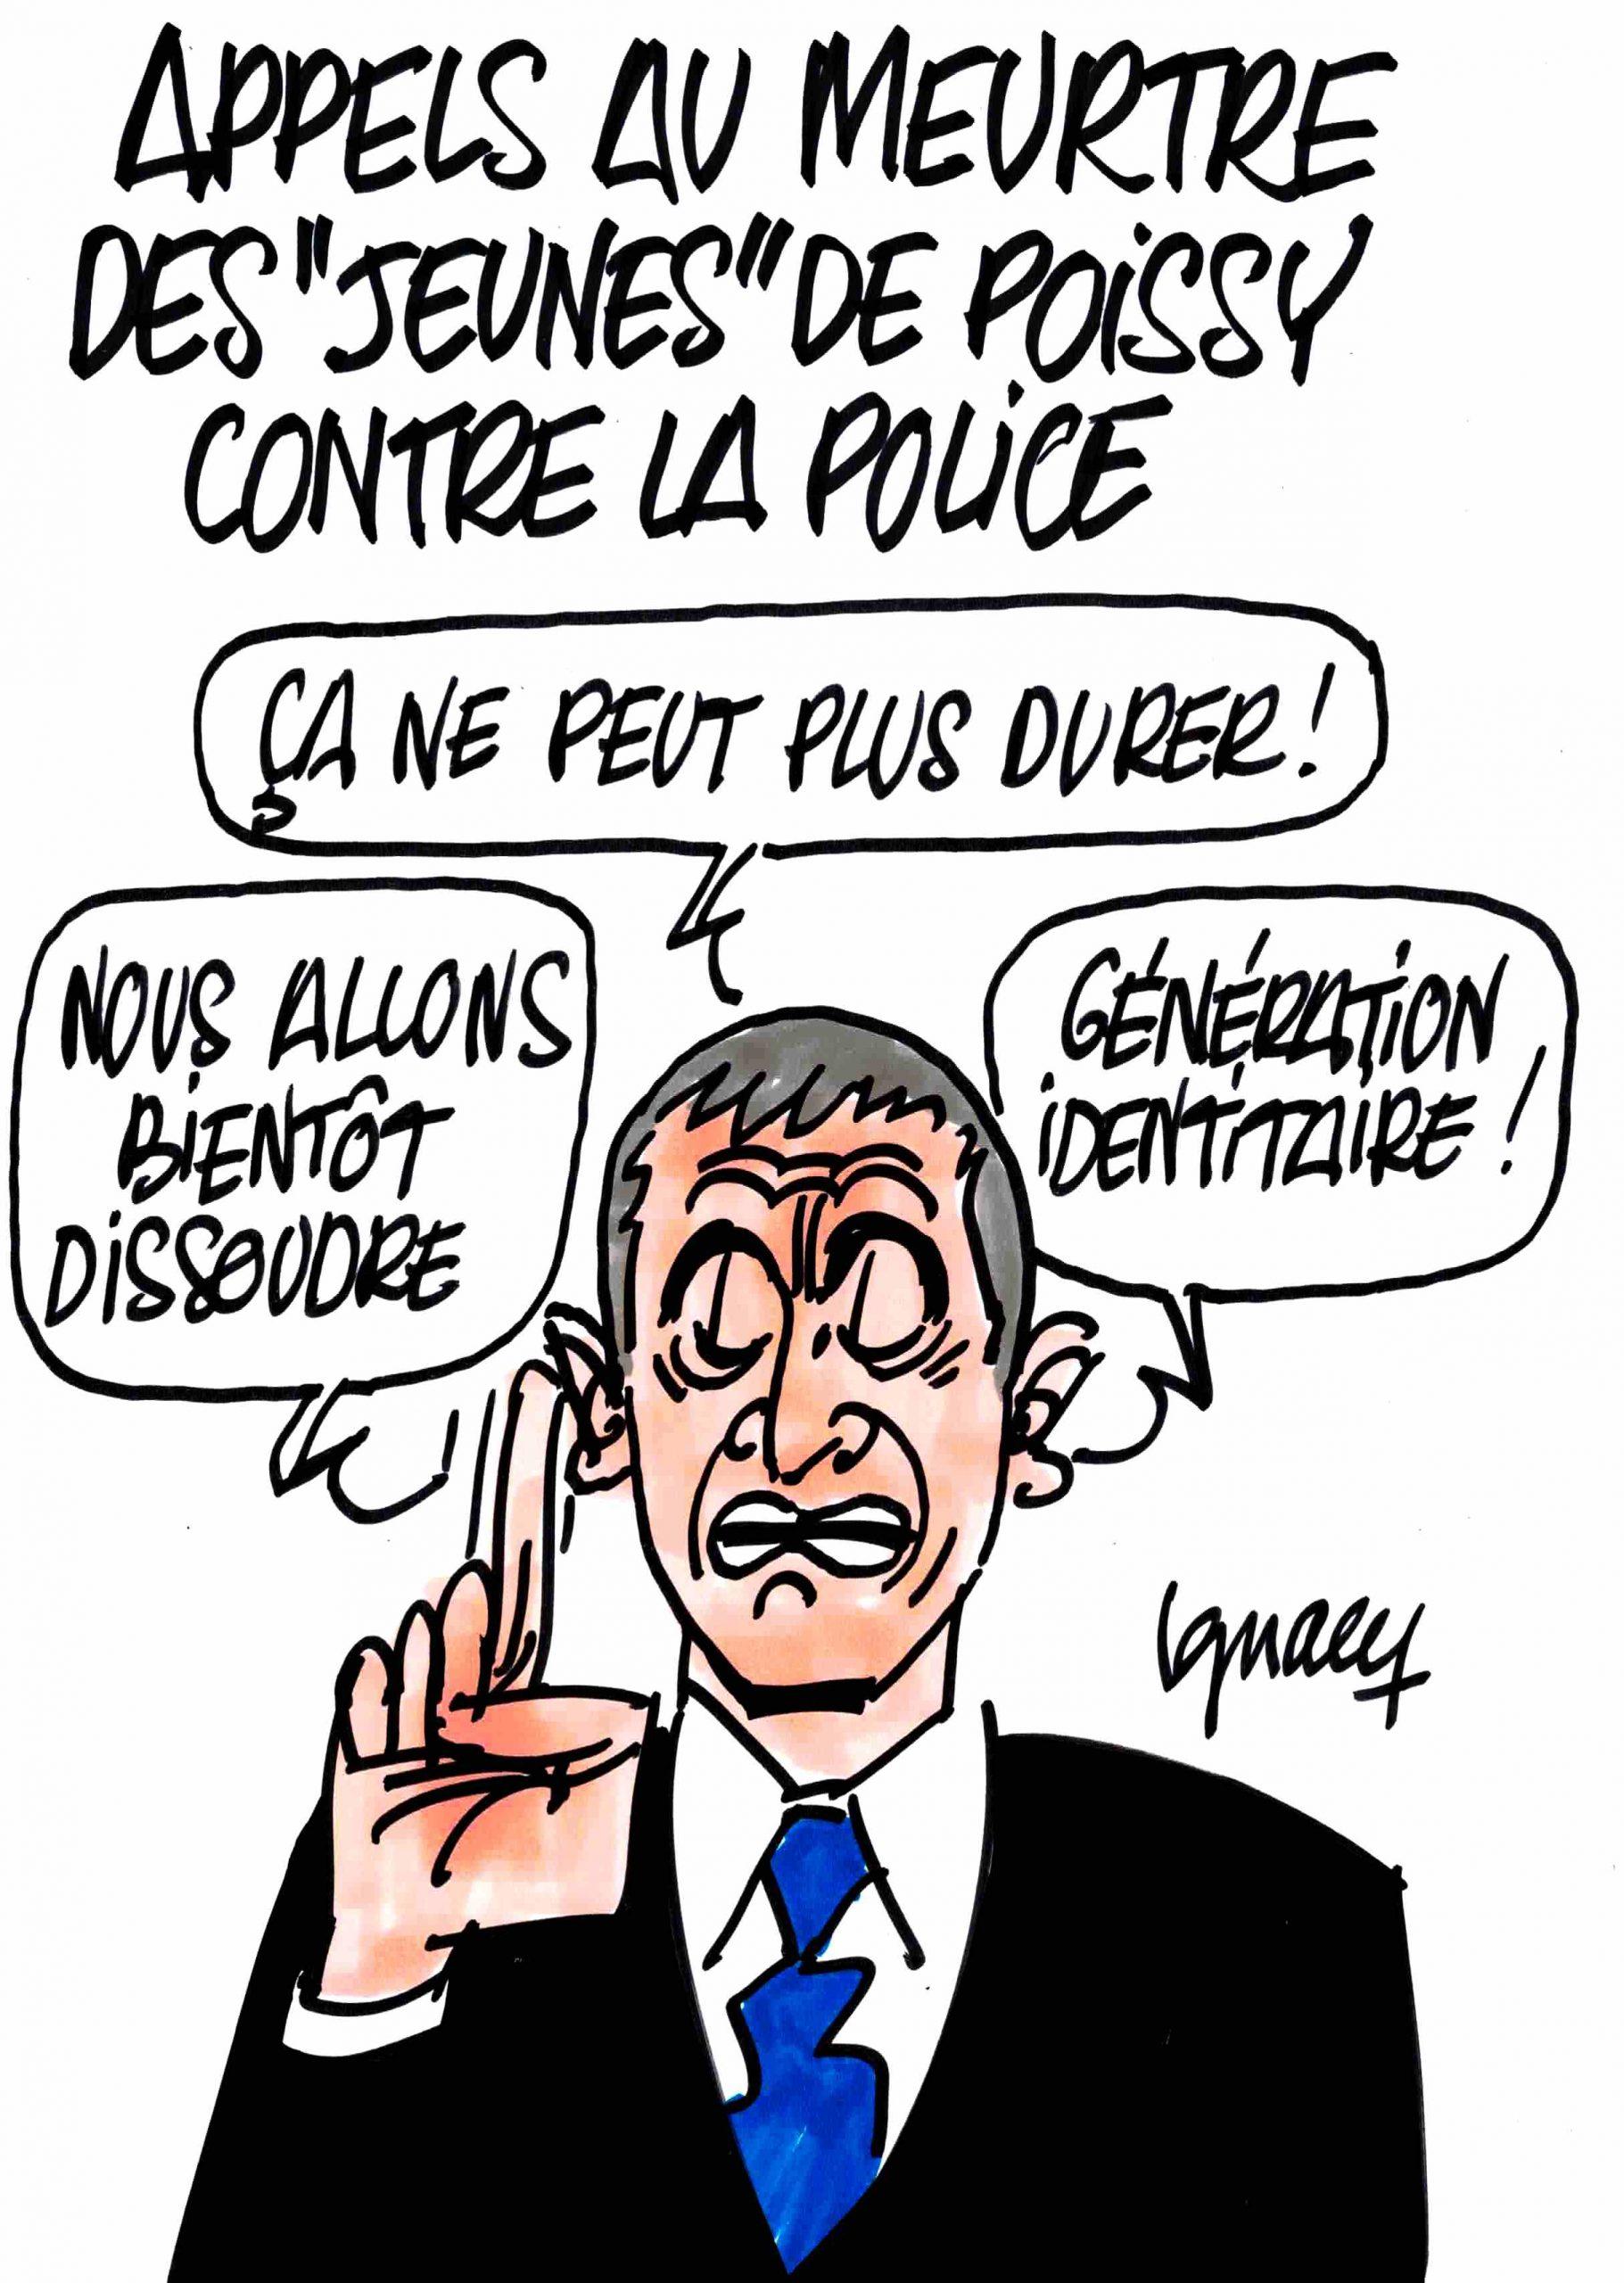 Ignace - Appels au meurtre contre la police à Poissy